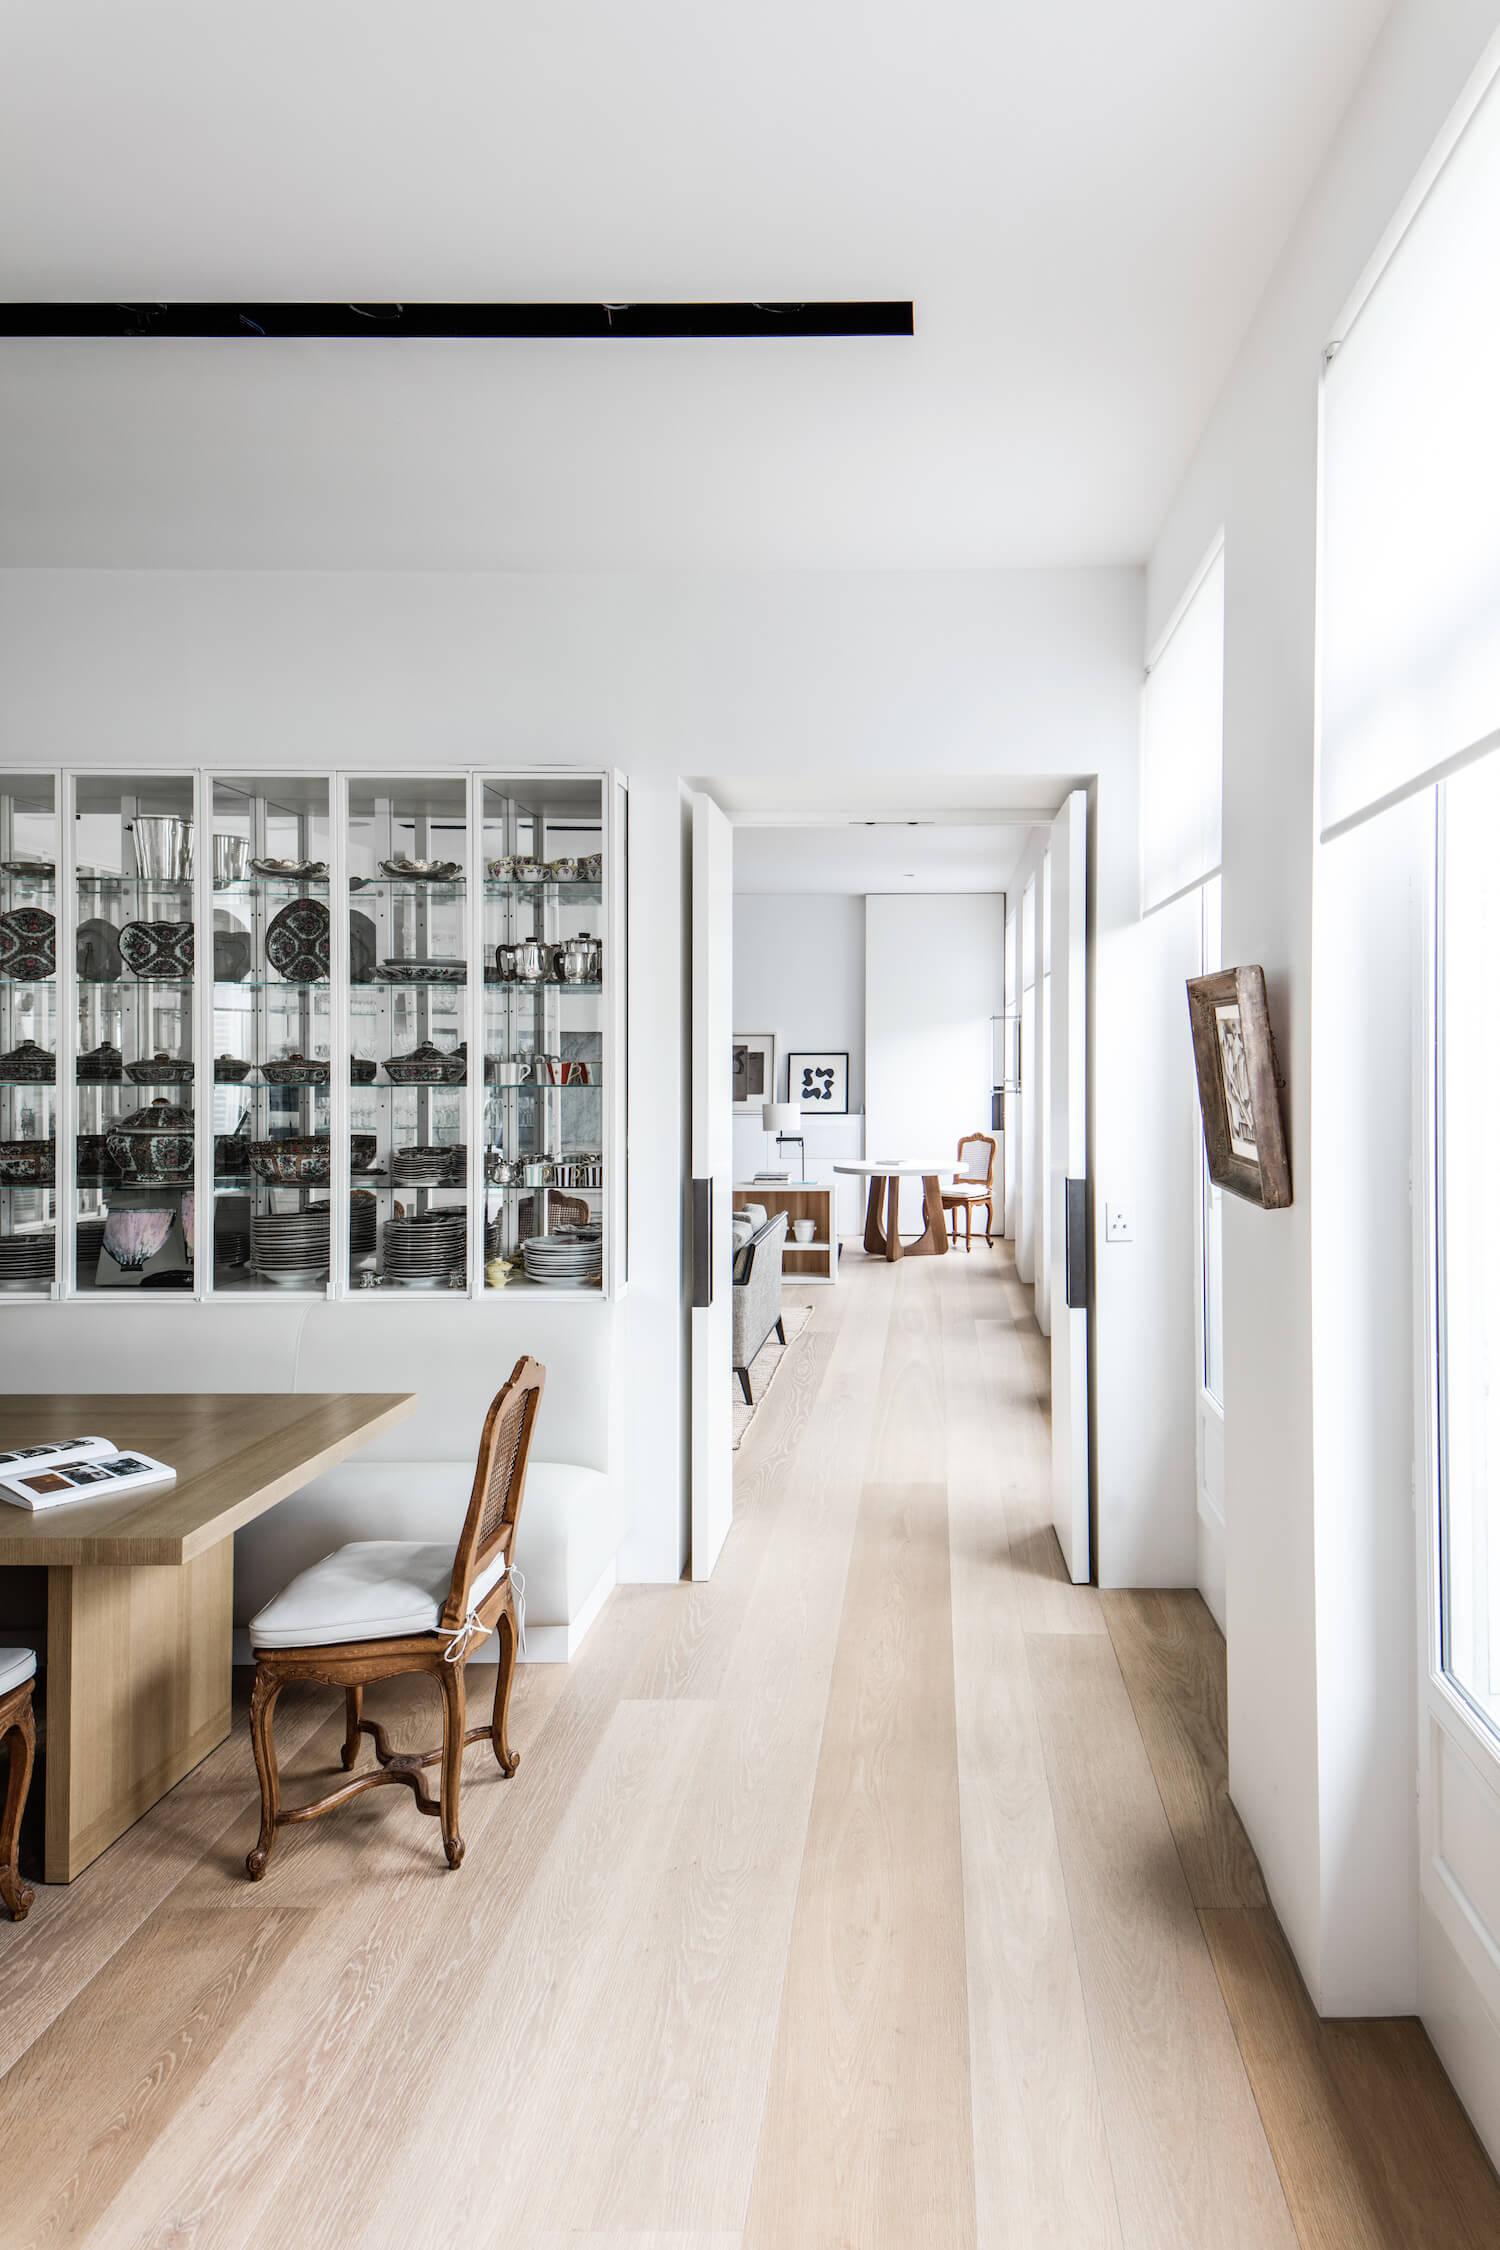 est living interiors frederic berthier saint germain apartment 2